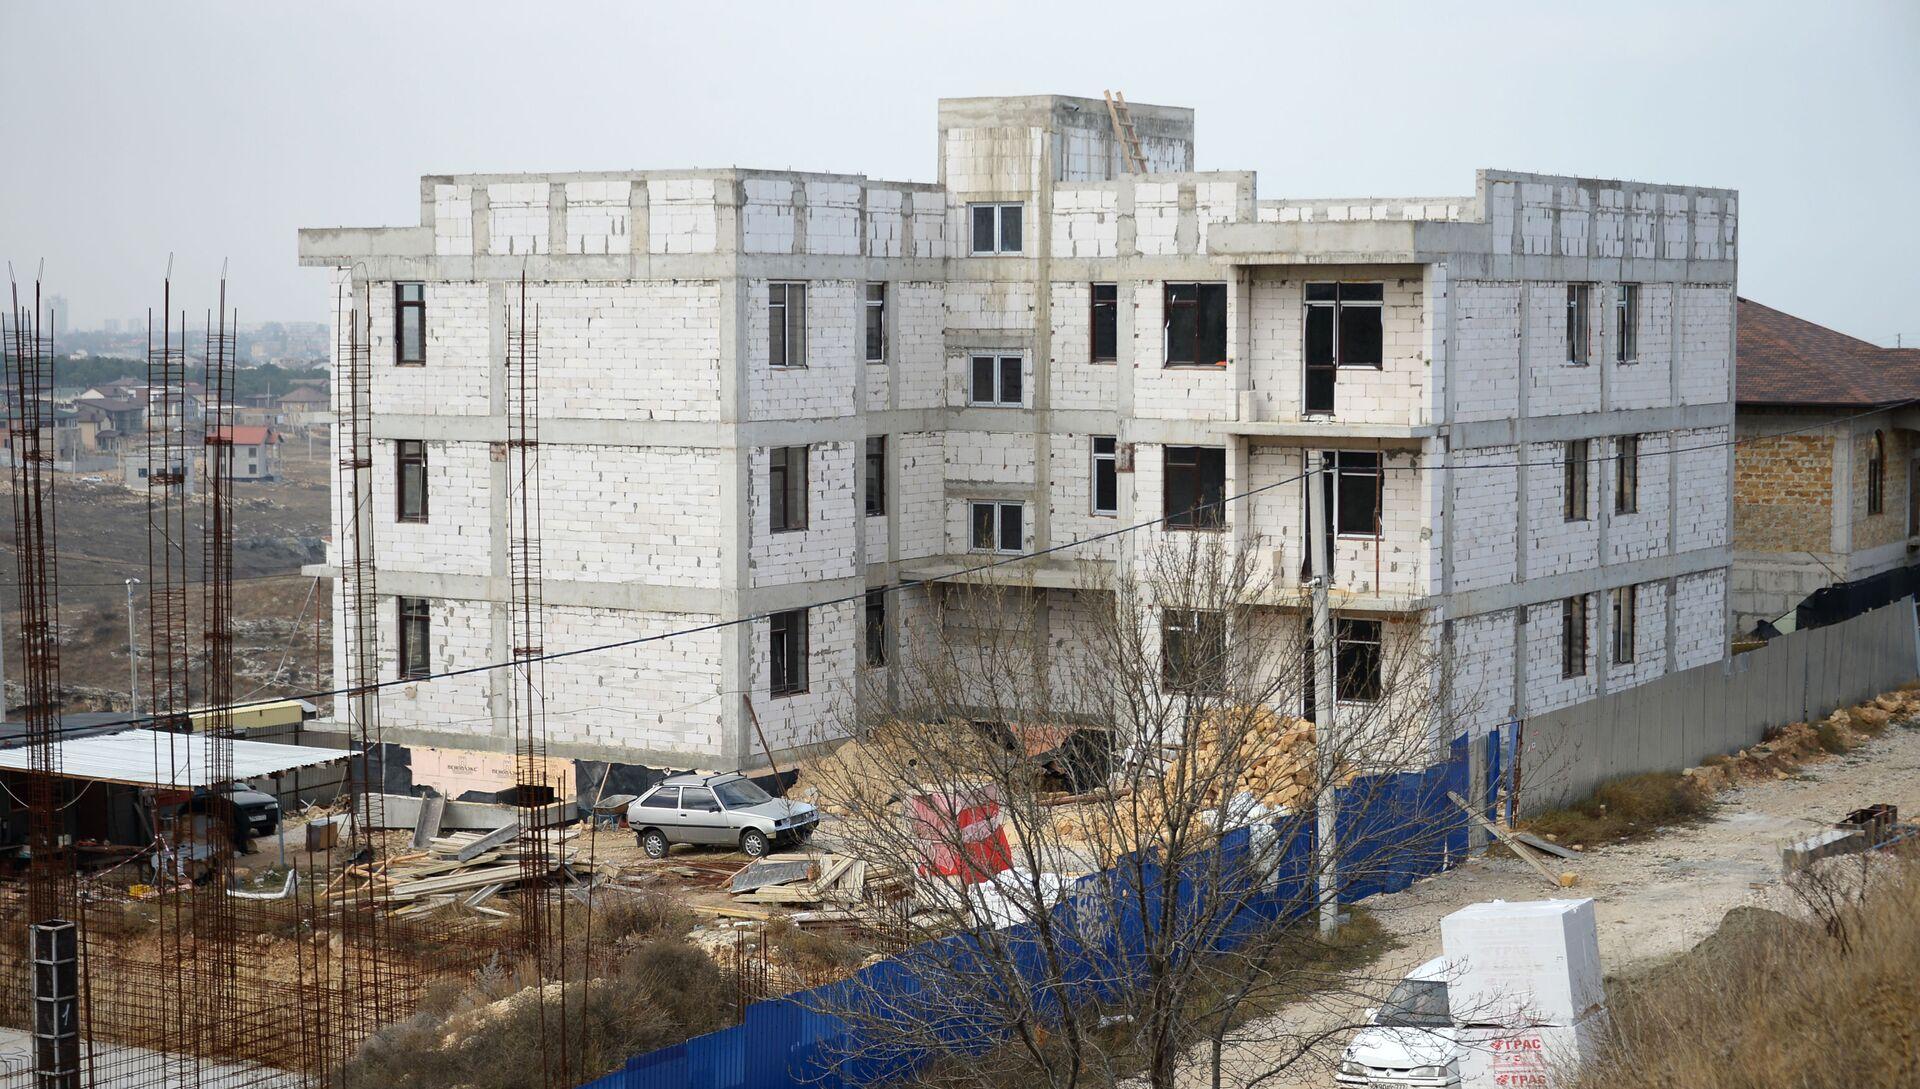 Строительство многоквартирных домов на землях под ИЖС в районе генерала Мельника в Севастополе - РИА Новости, 1920, 18.12.2020